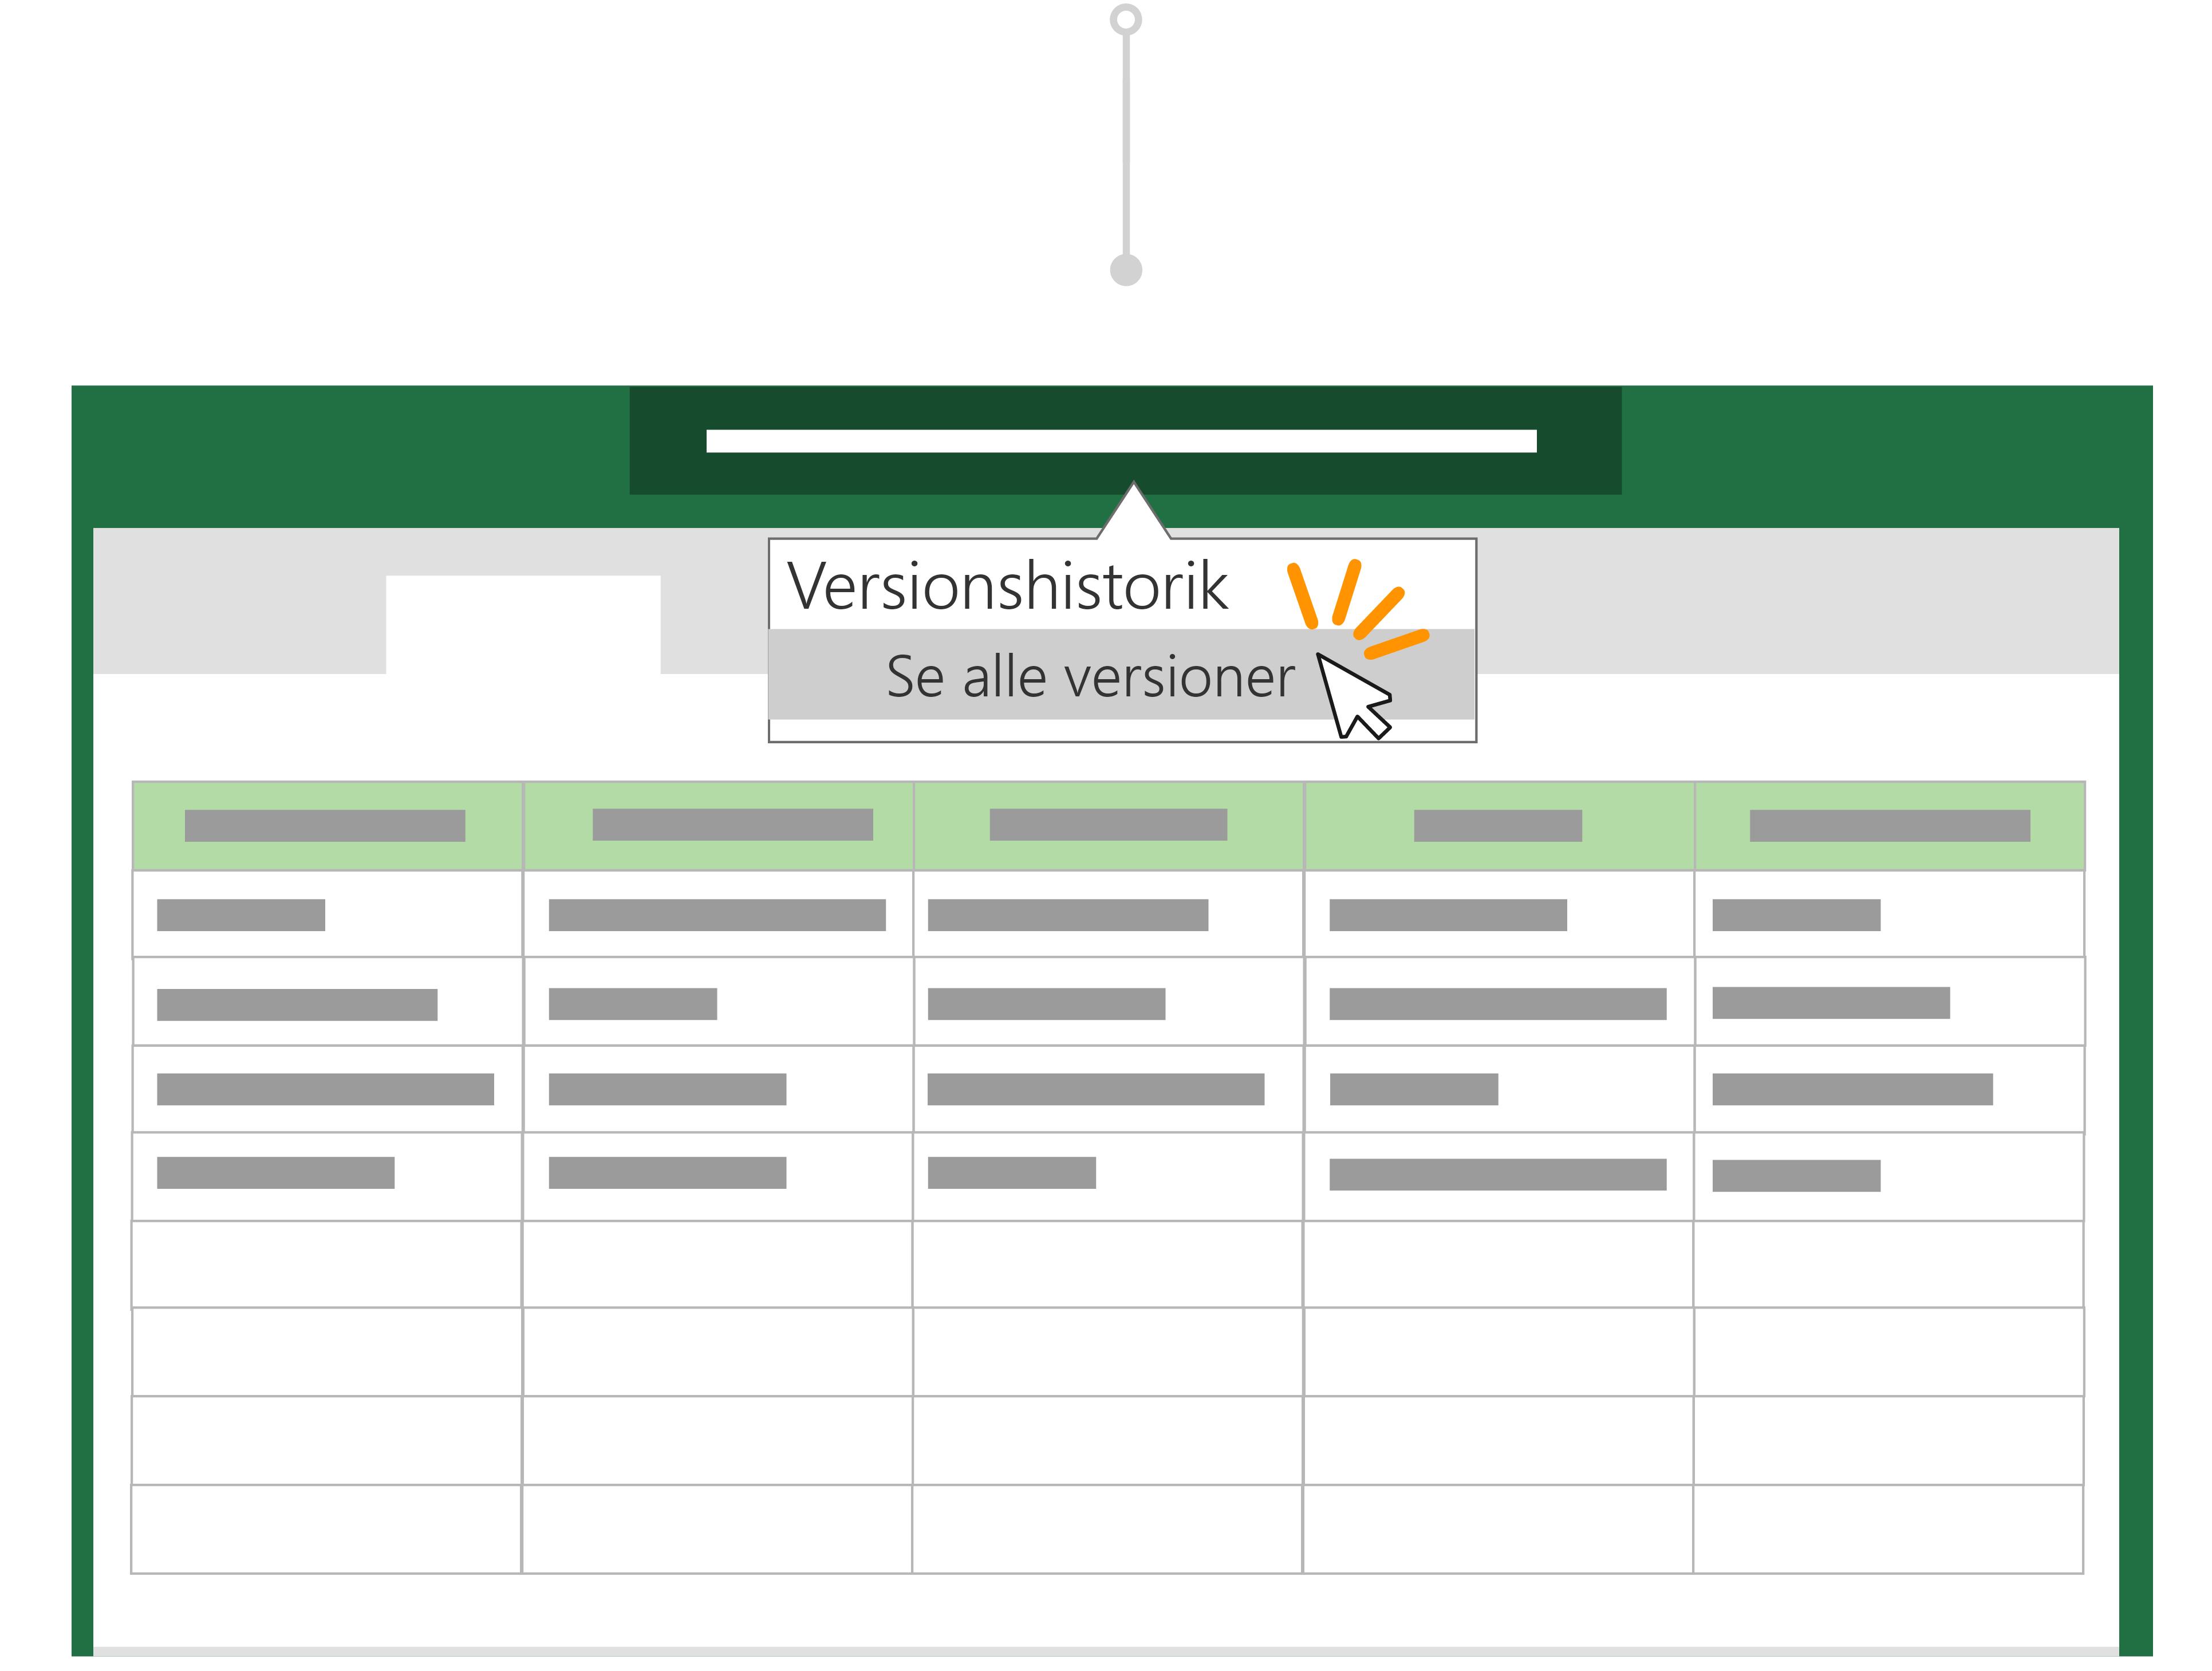 Brug Versionshistorik til at gå tilbage til en tidligere version af en fil.